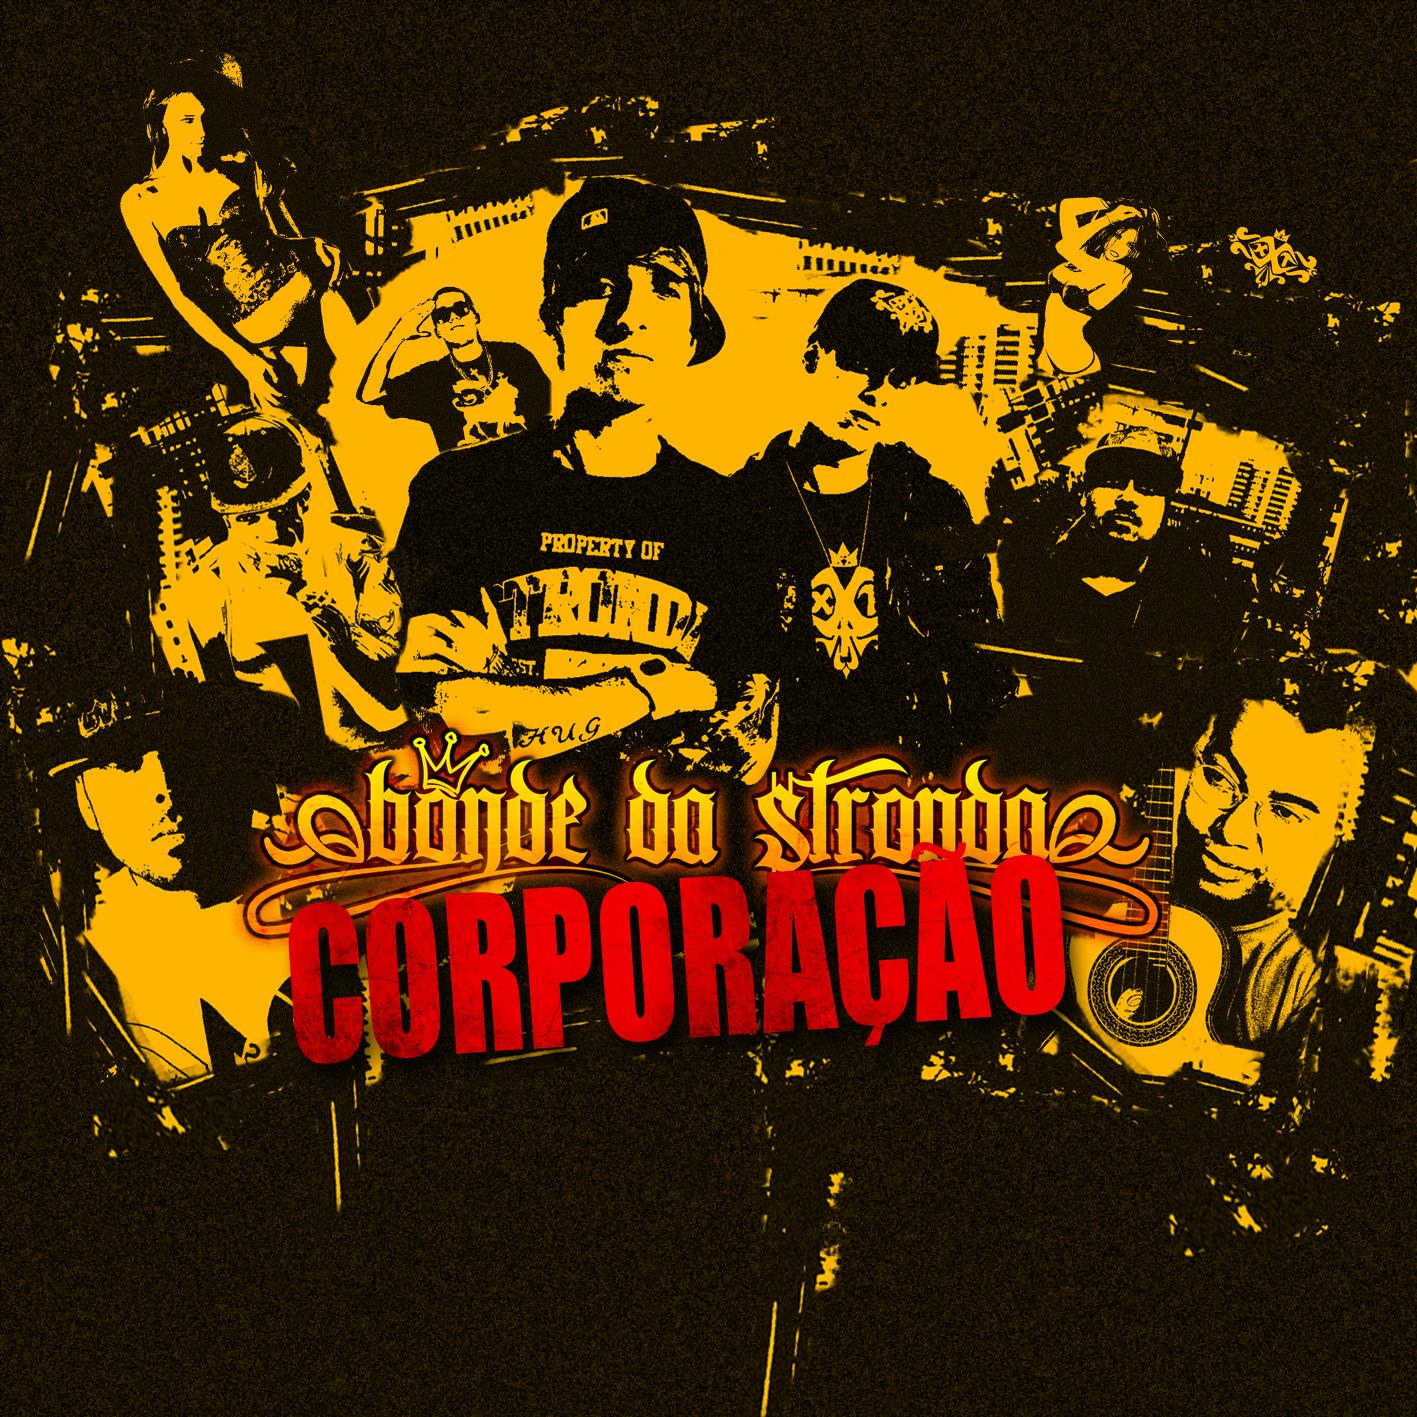 MC CD BAIXAR DO GRATIS CATRA 2013